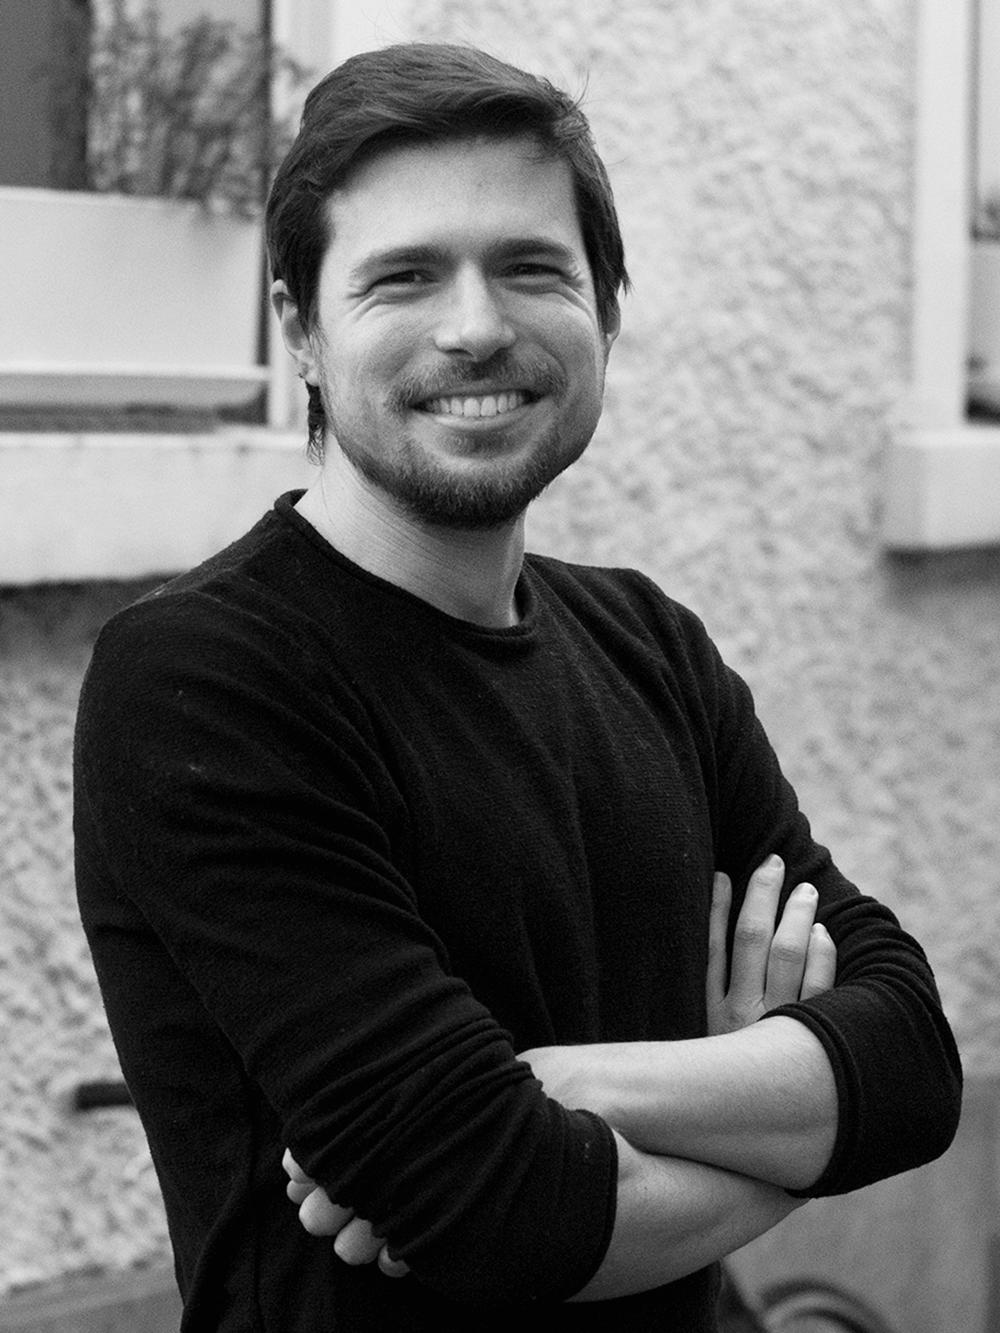 Stefano Ceccotti